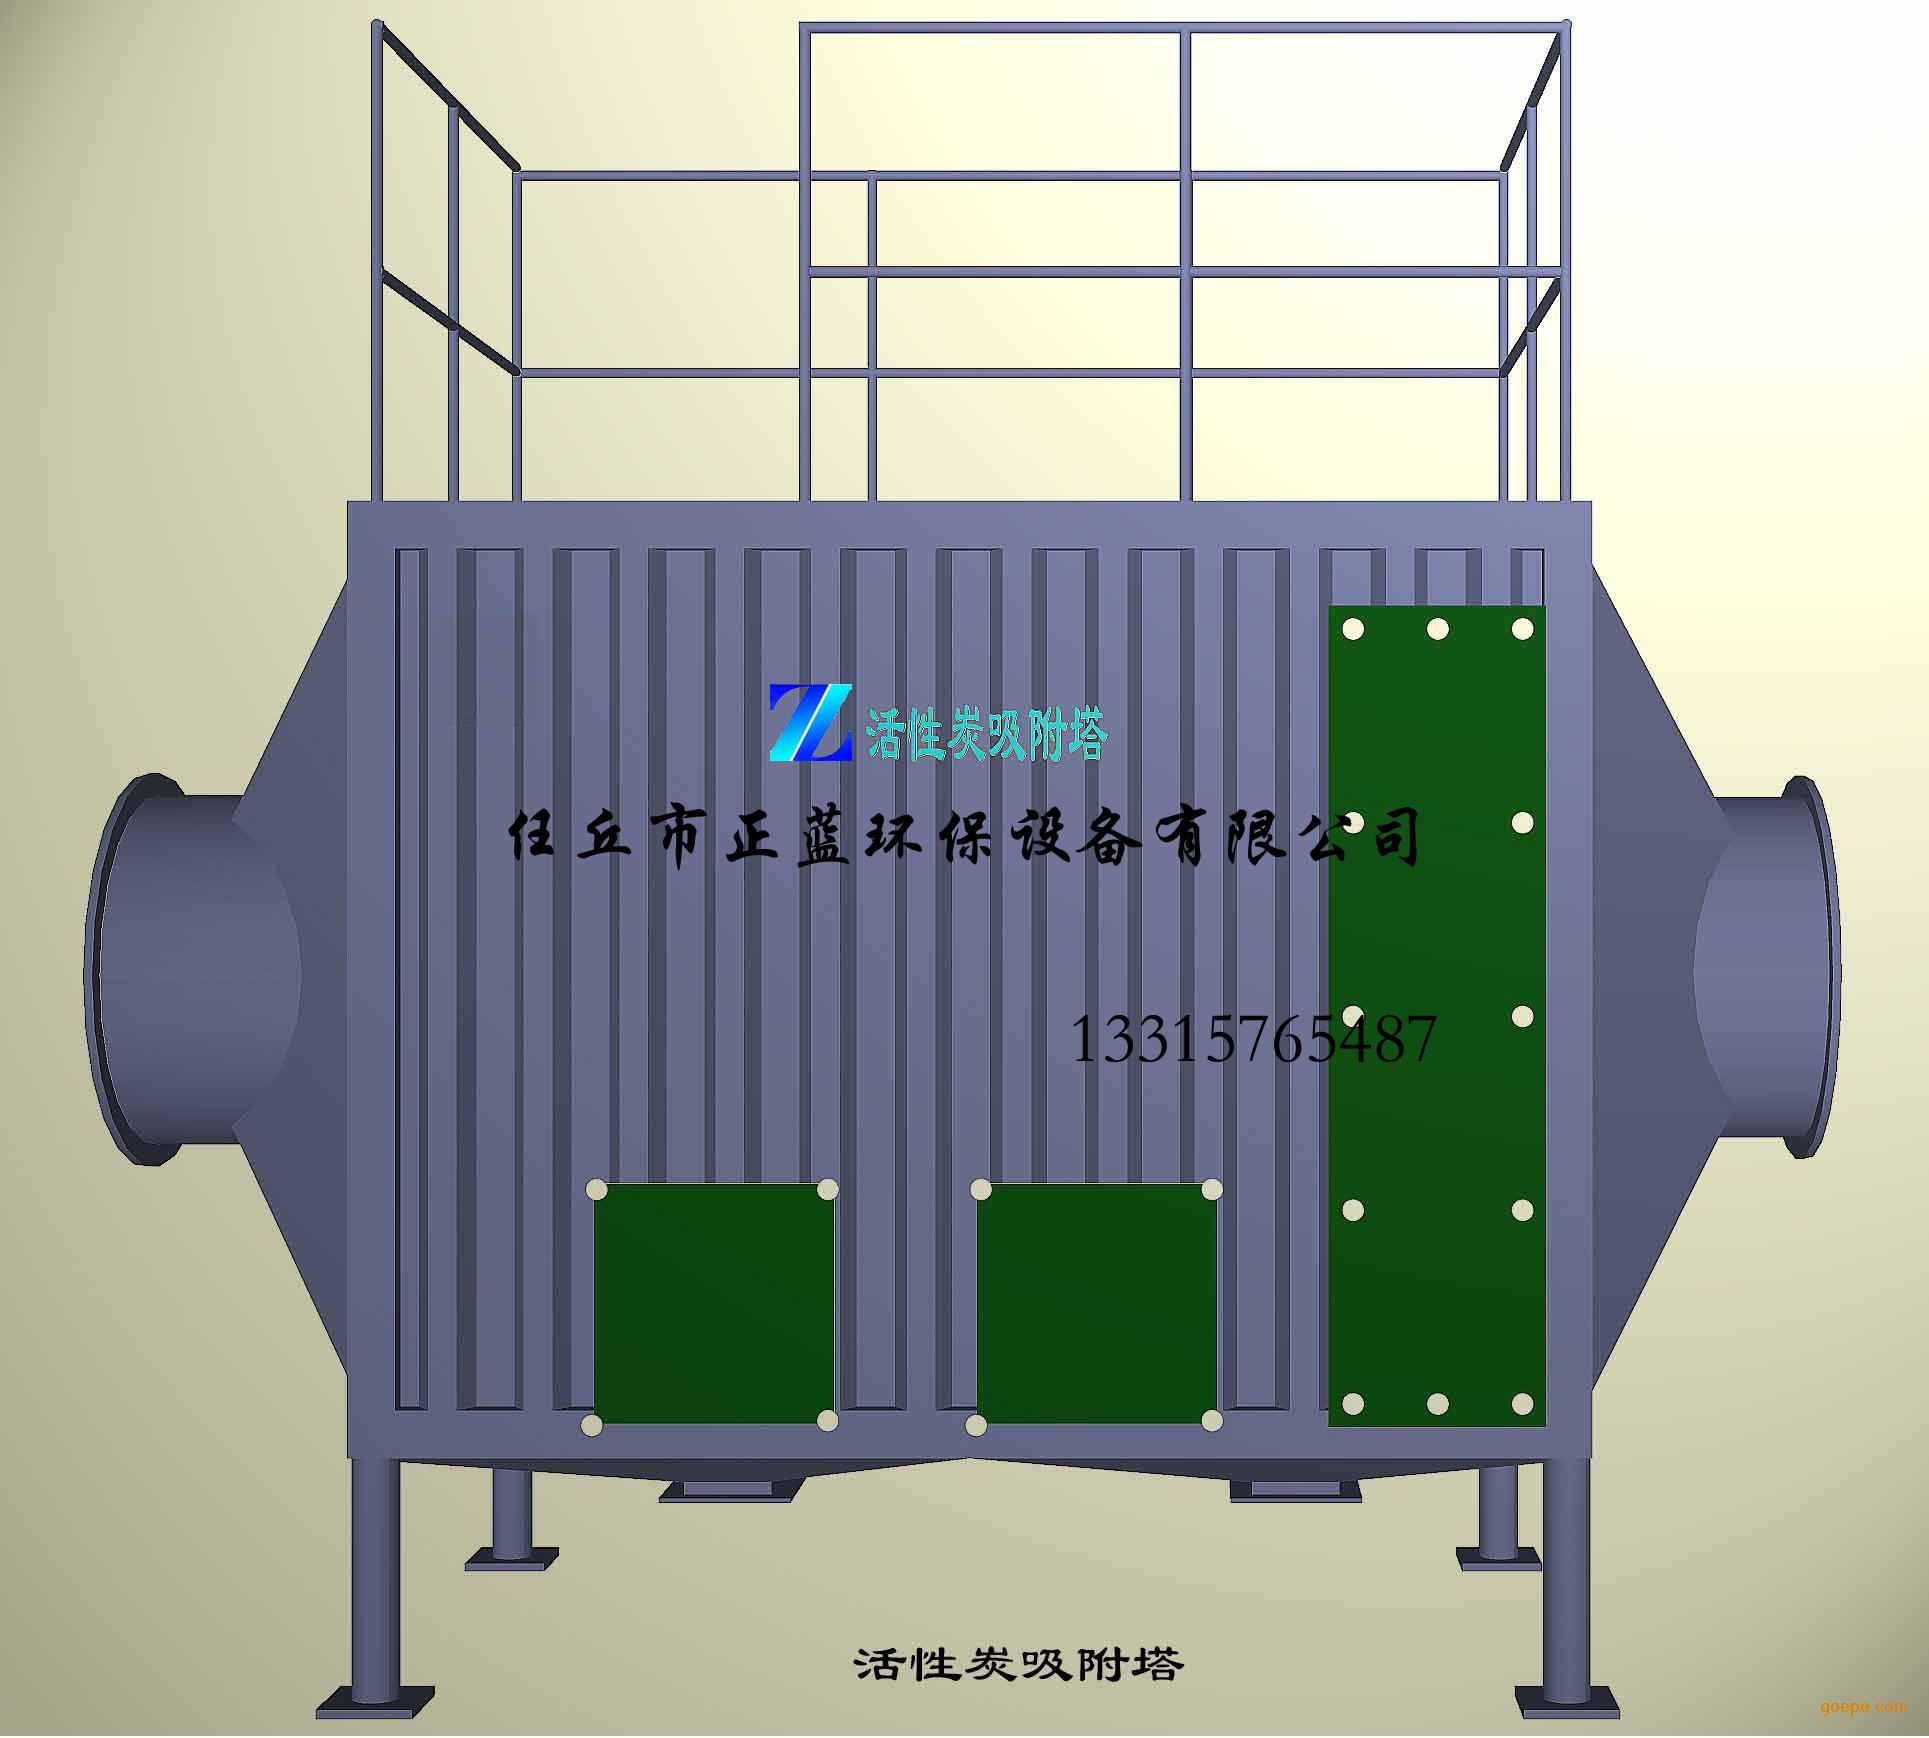 吸附活性炭供应塔有机图纸净化处理器废气废广联达bim比例现场布置工业图片